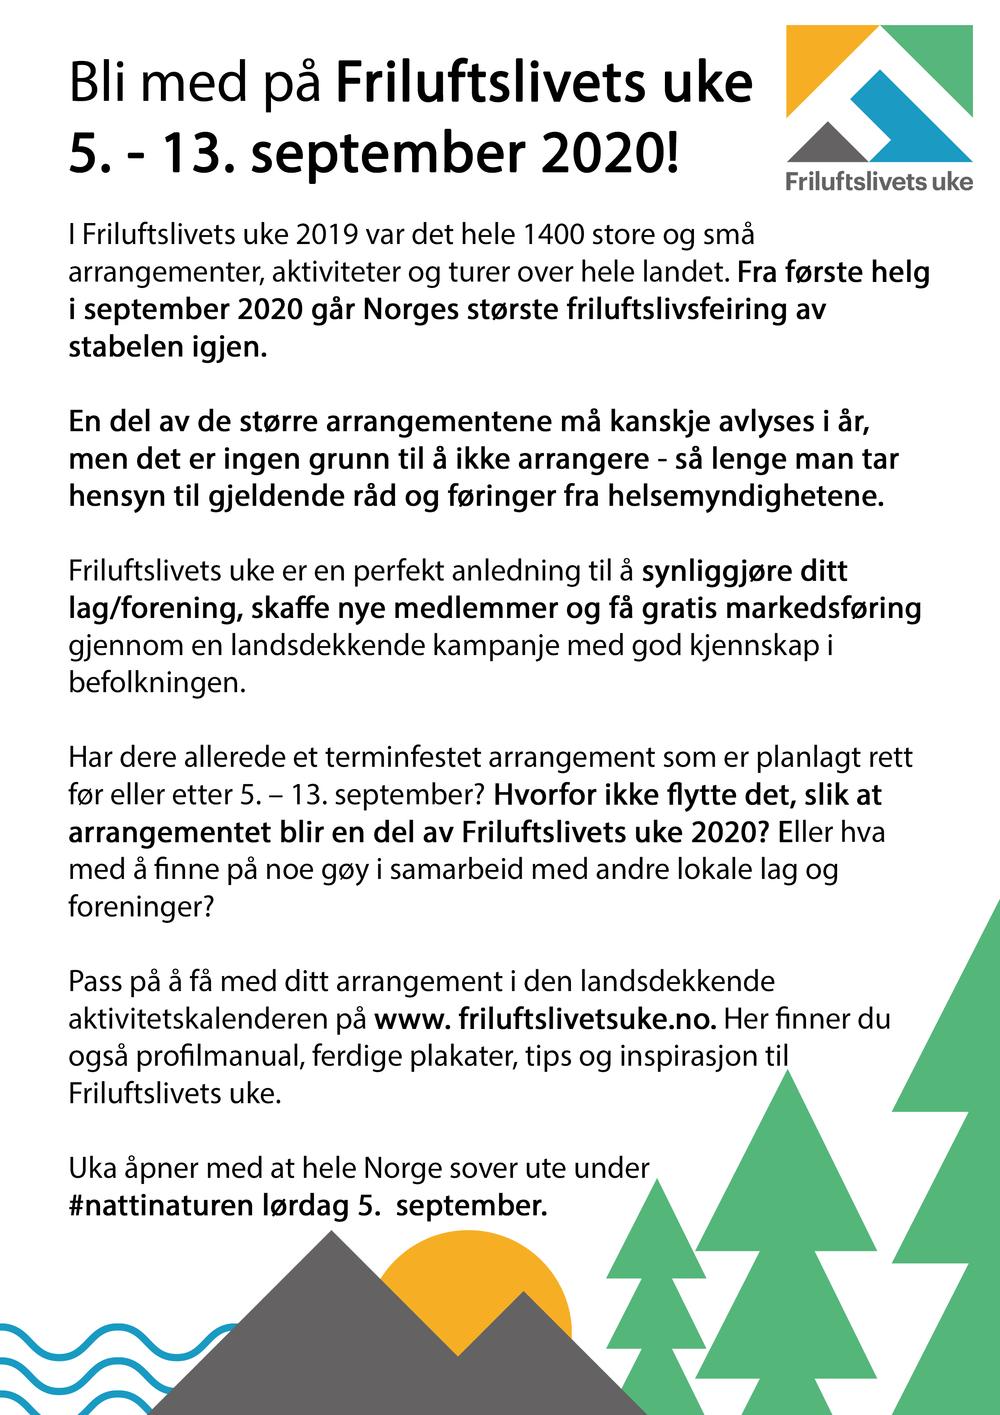 Invitasjon Friluftslivets uke 2020_1000x1415.jpg